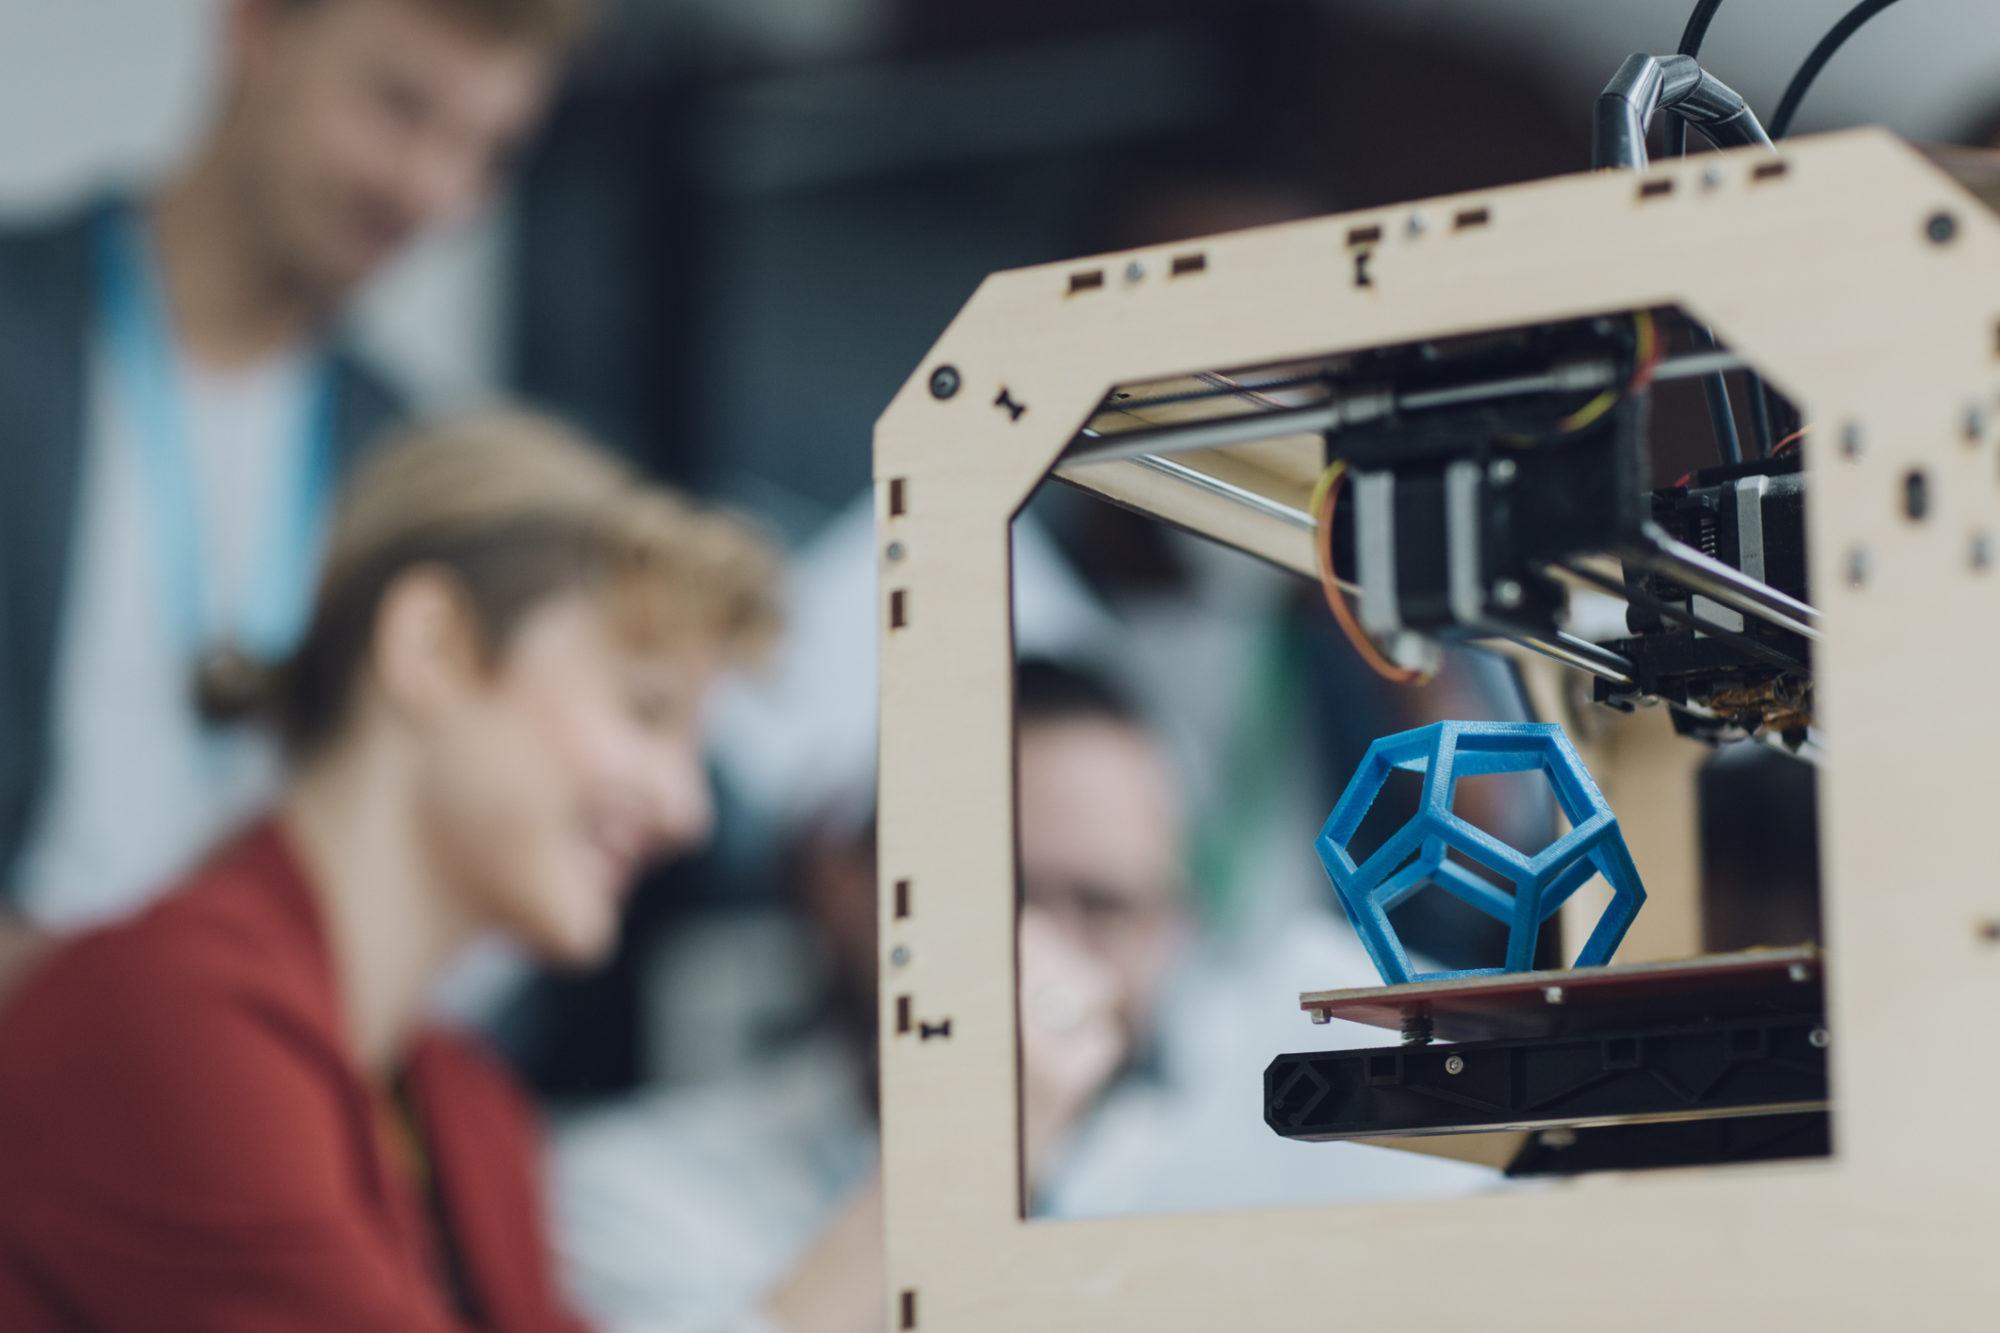 Innovatører vet for lite om fordelene og begrensningene ved 3D-printing, skriver artikkelforfatterne. Illustrasjonsfoto: vgajic/iStock